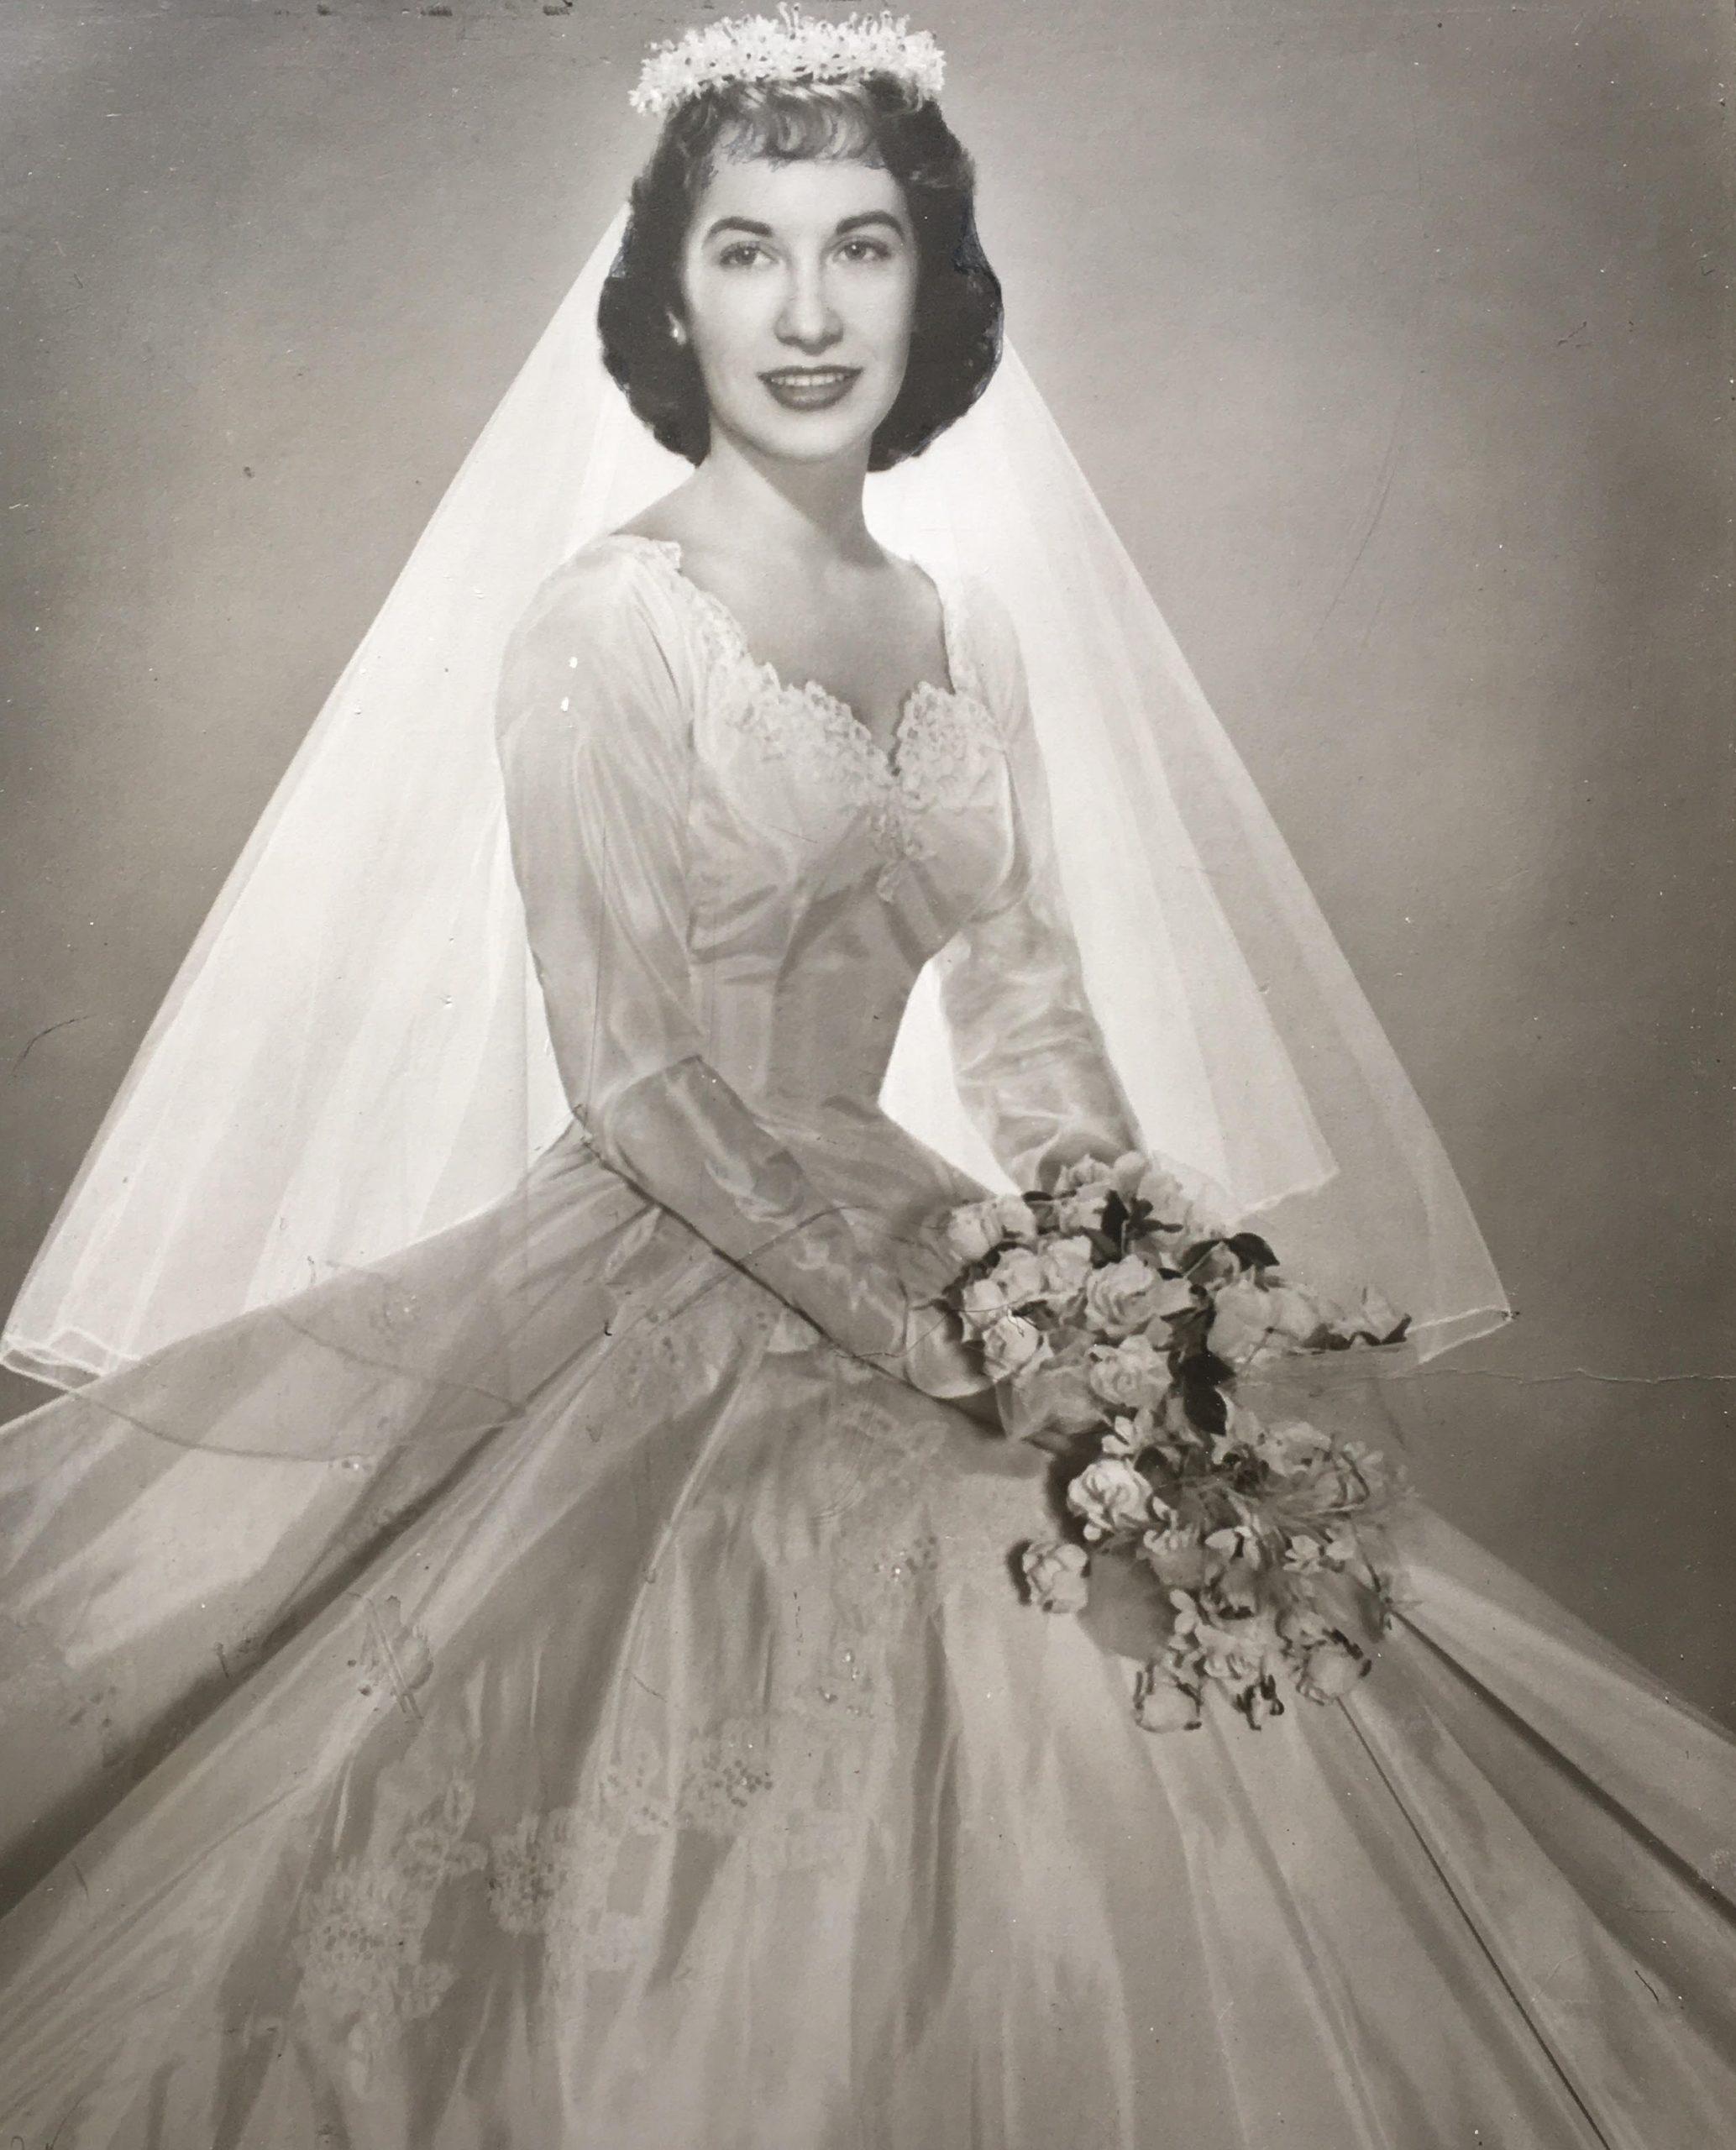 Dolores M. Shields